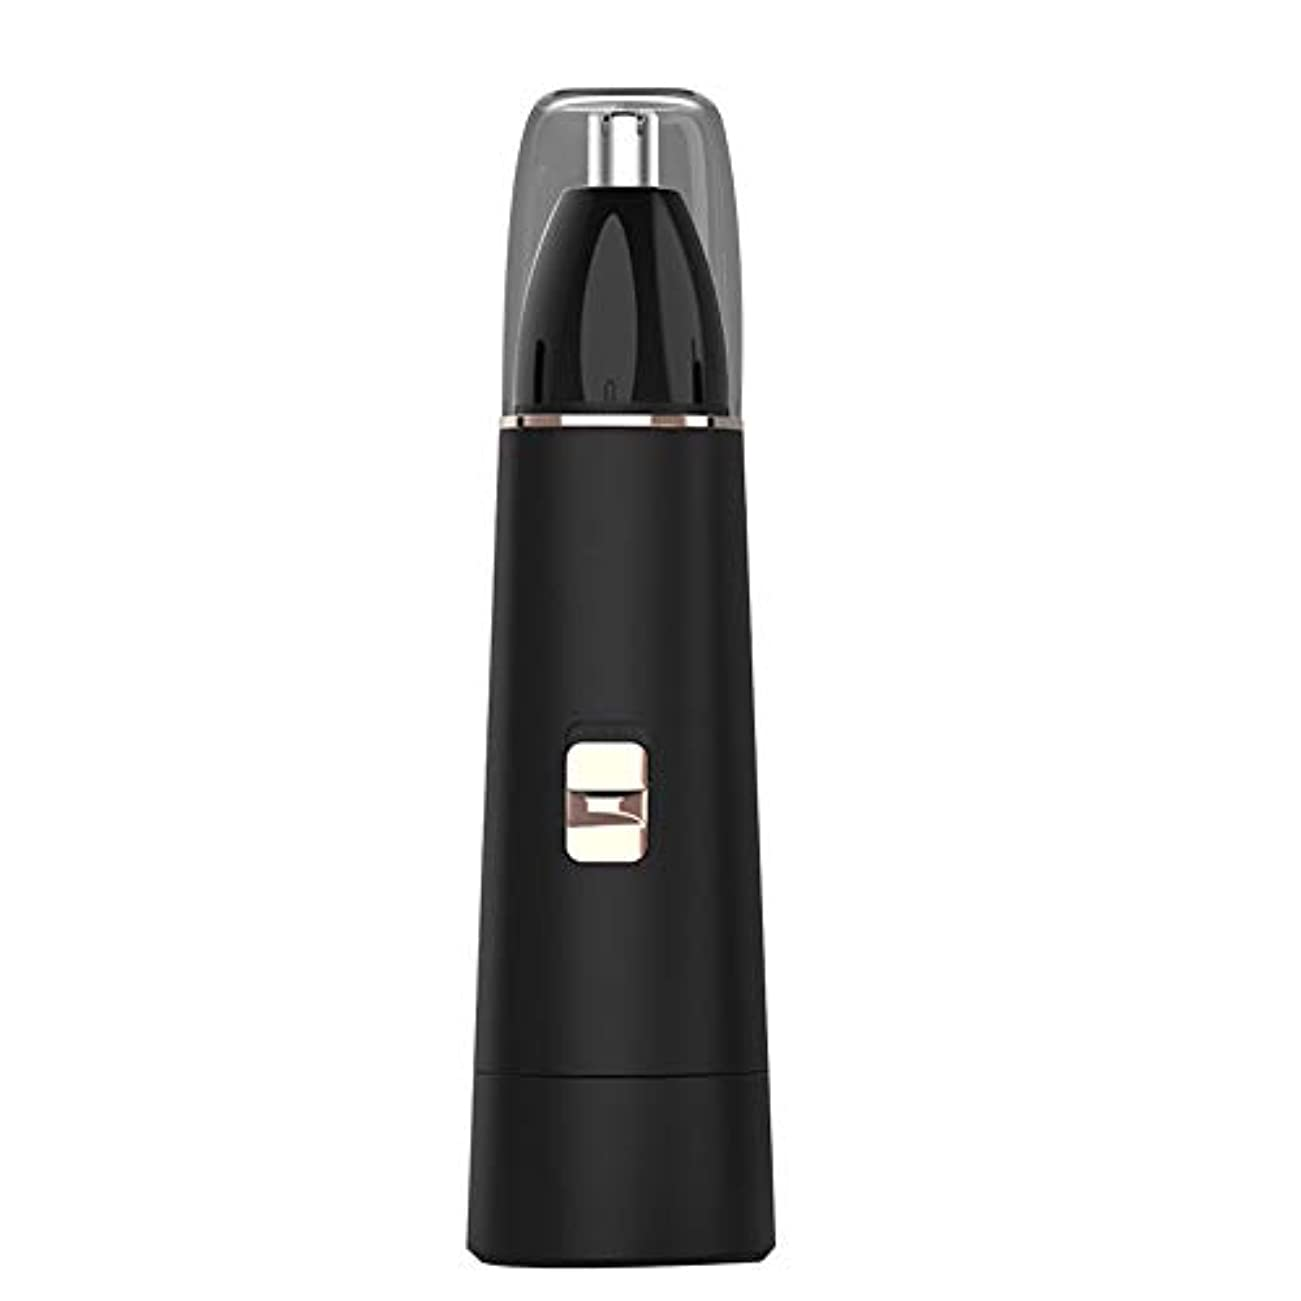 パンダ役立つ従事する鼻毛トリマー-USB充電式電動鼻毛トリマー/ABS素材/多機能 持つ価値があります